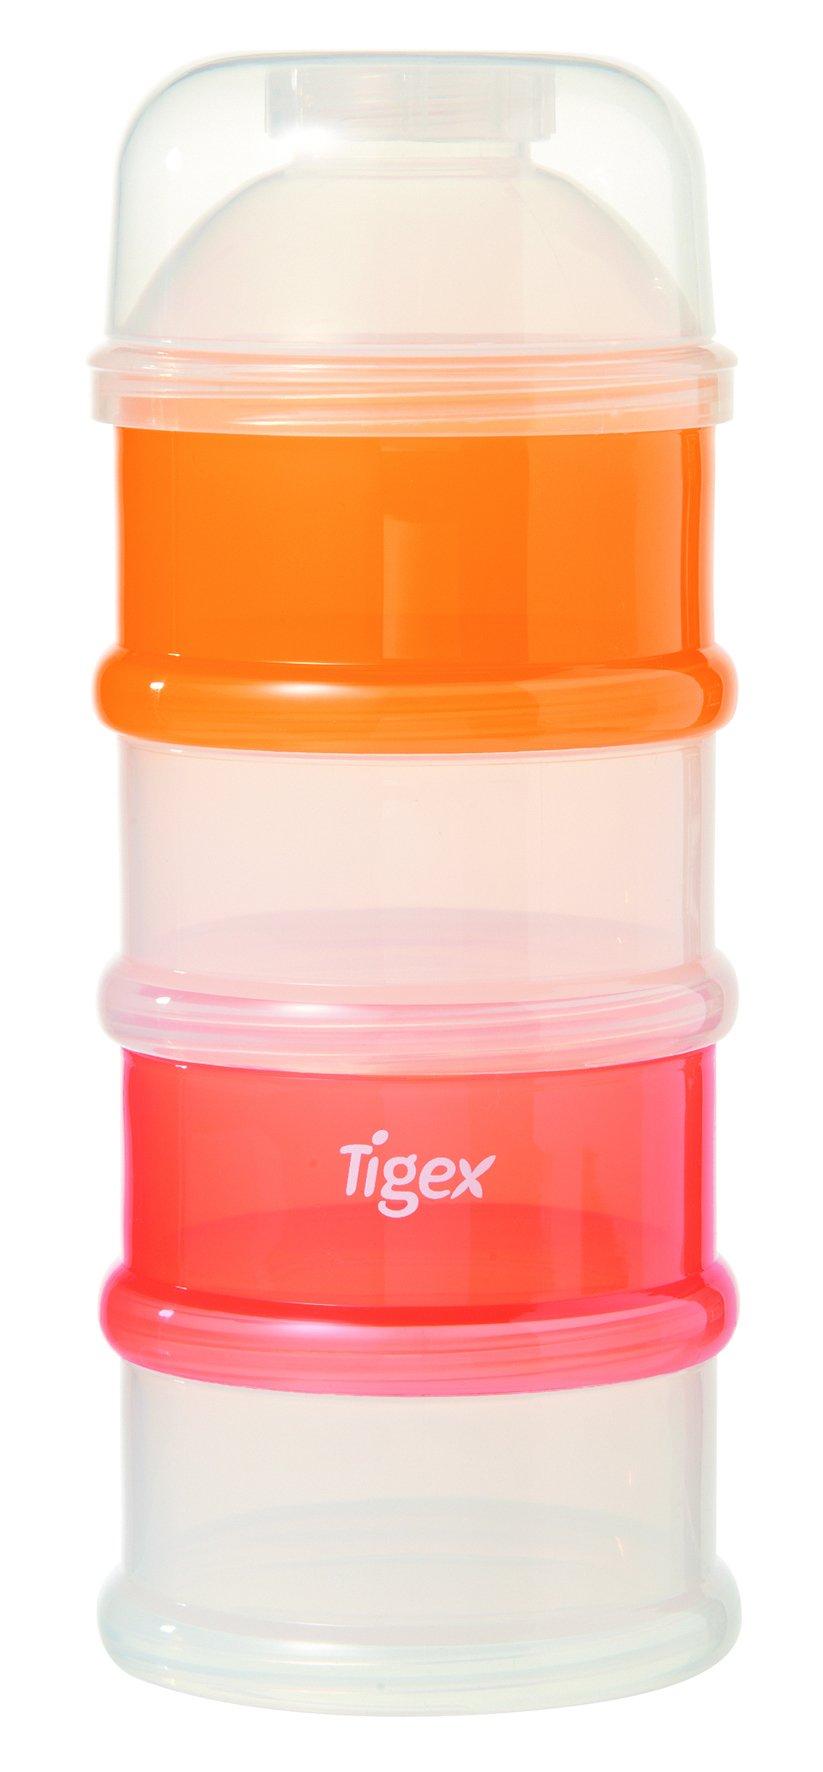 Tigex – Caja dosificadora + bundle